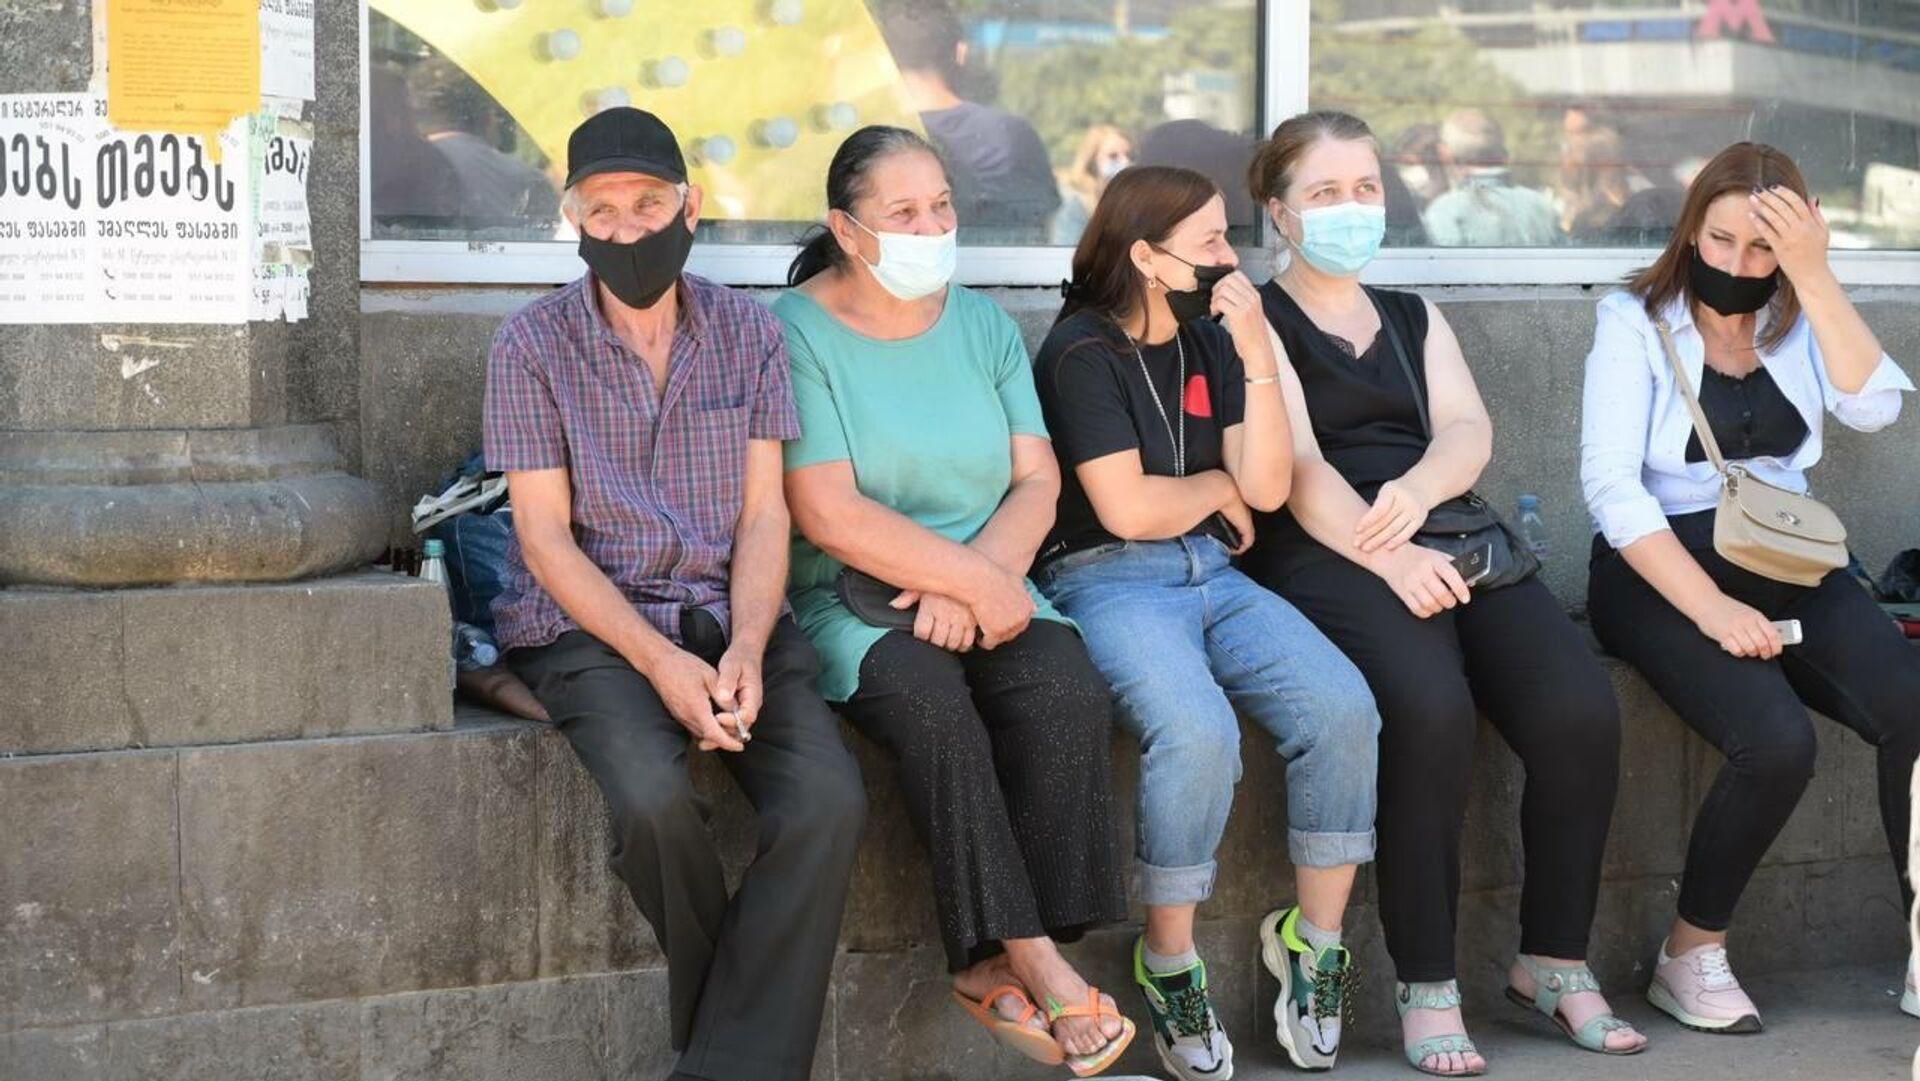 Уличные торговцы в масках в ходе акции протеста 3 сентября 2021 года - Sputnik Грузия, 1920, 06.09.2021